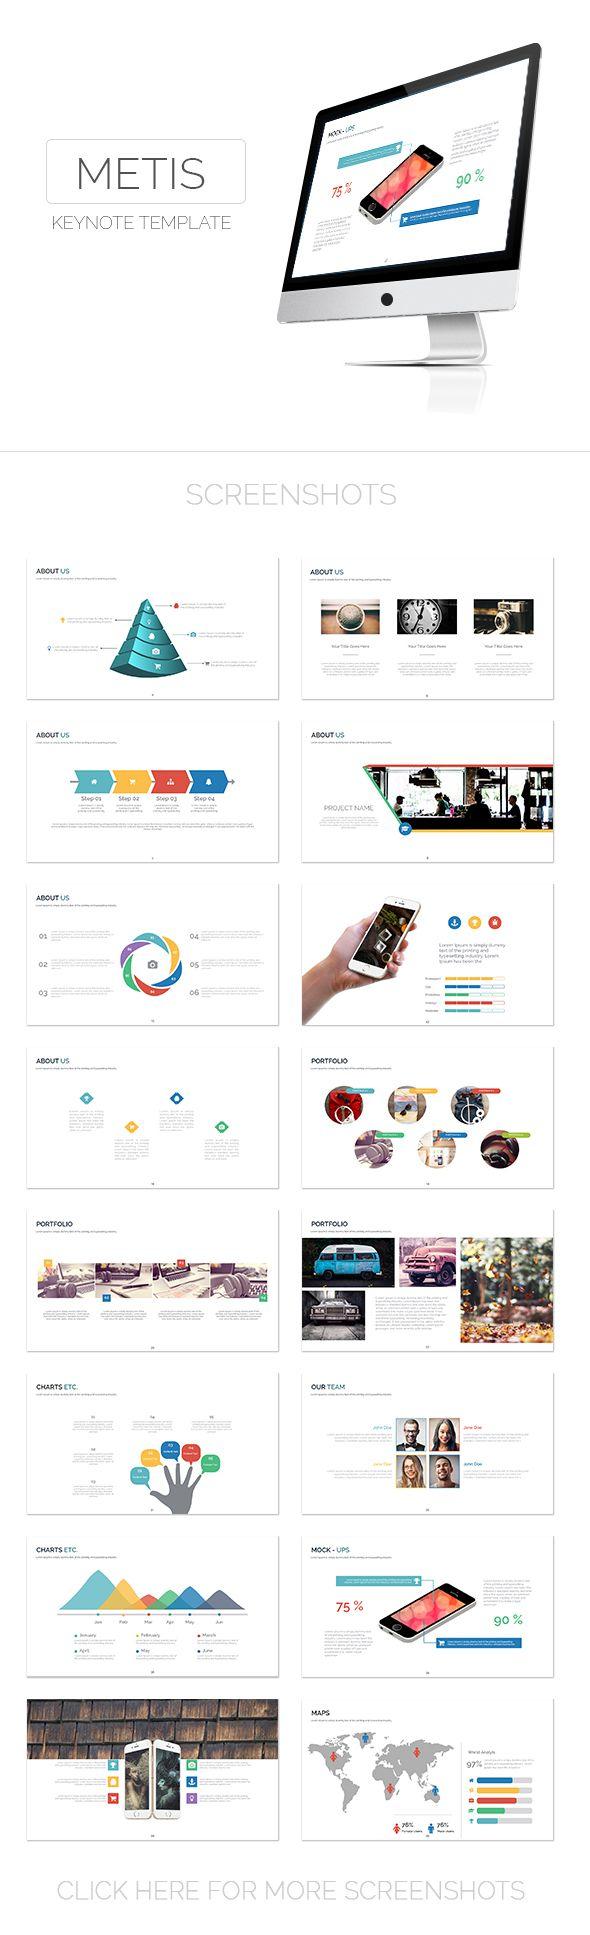 Metis Keynote Template - Creative Keynote Templates